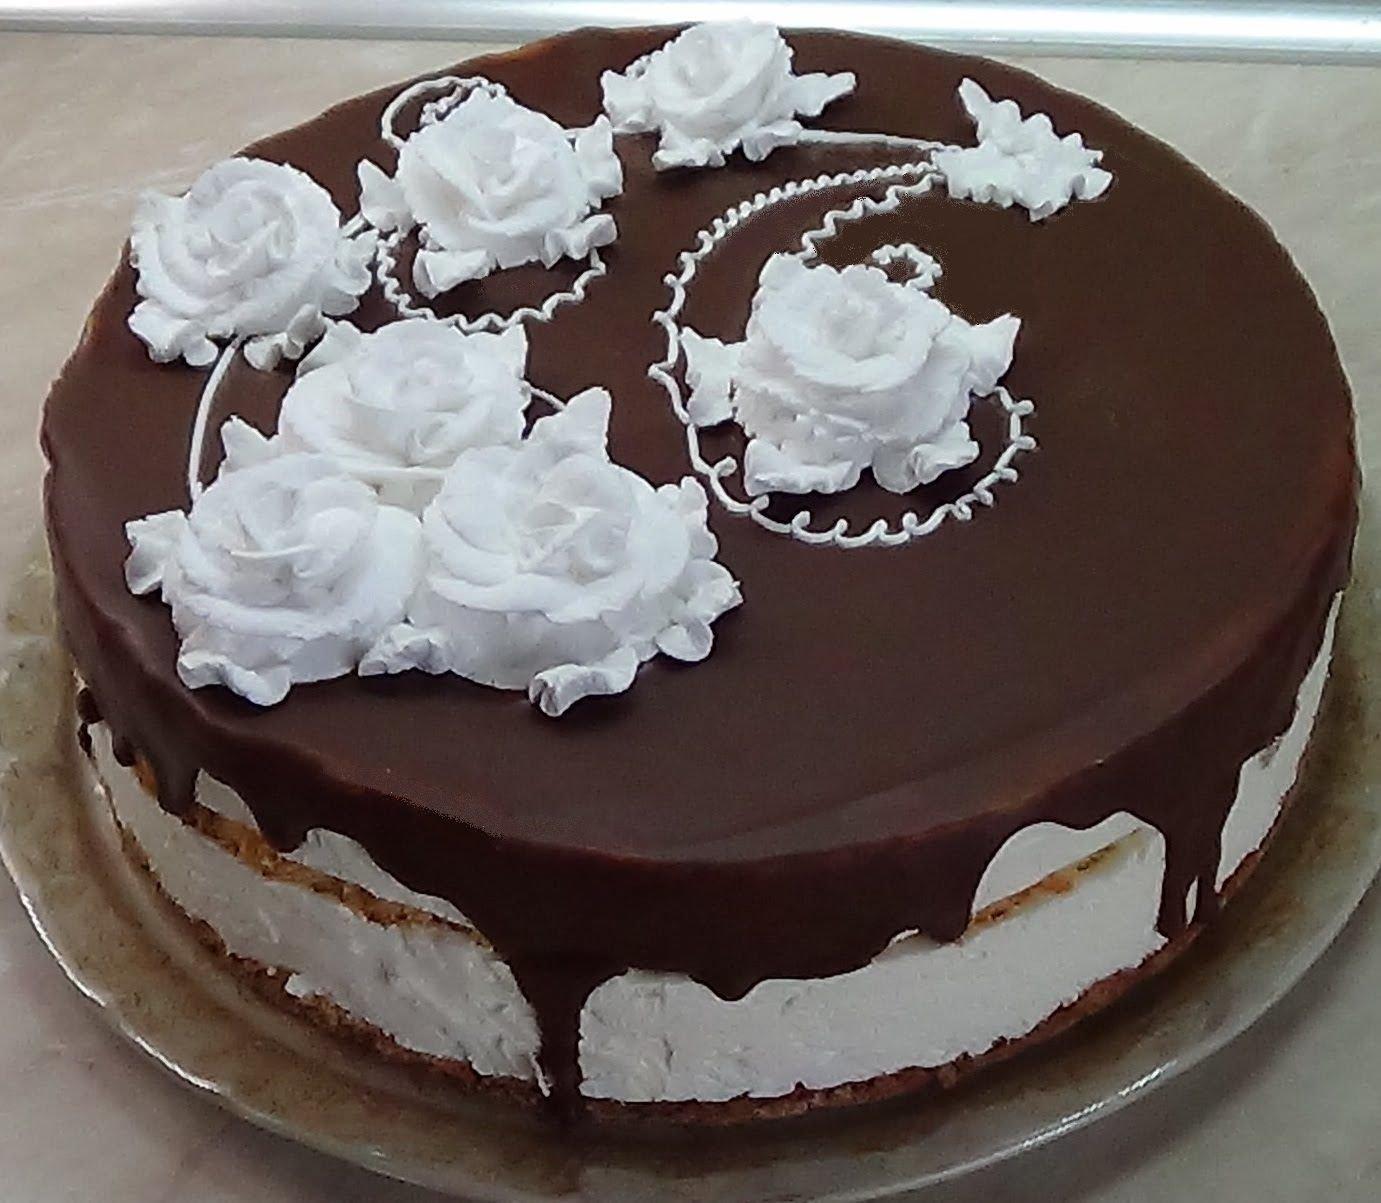 фотосъемки как делают торт с фотографией они